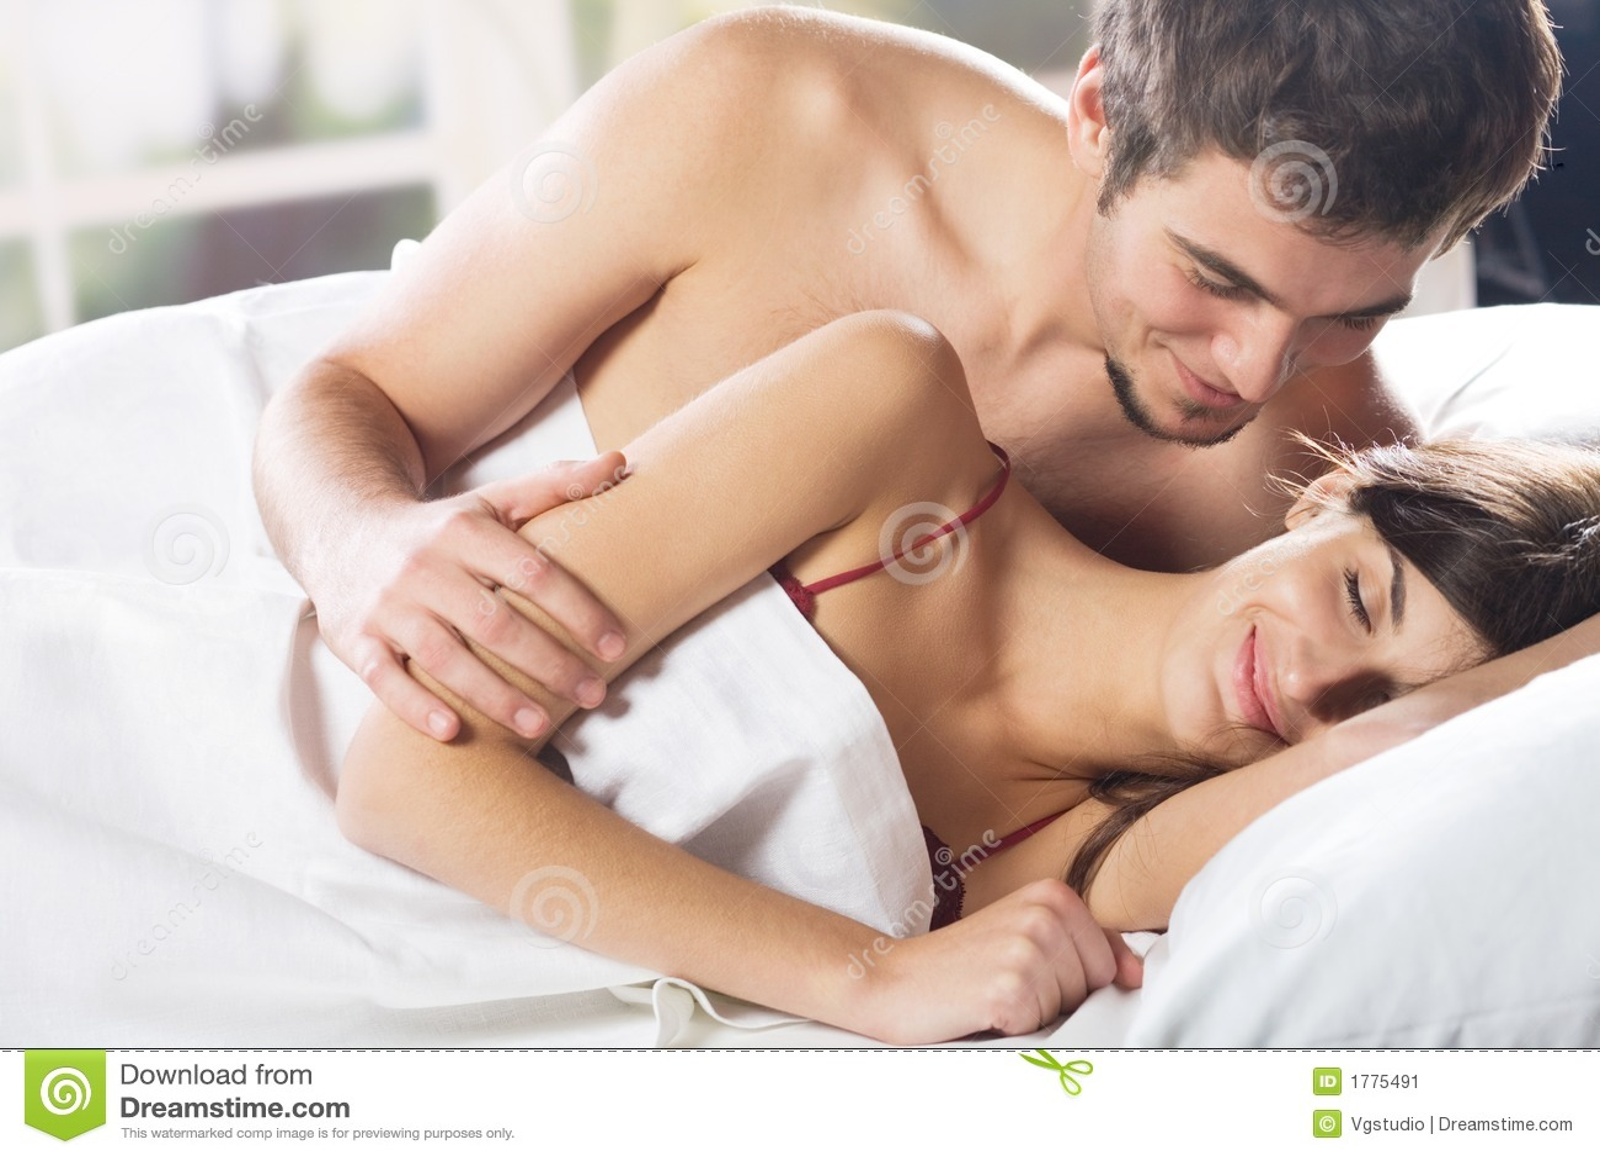 video porno sesso romantico sesso sfrenato a letto